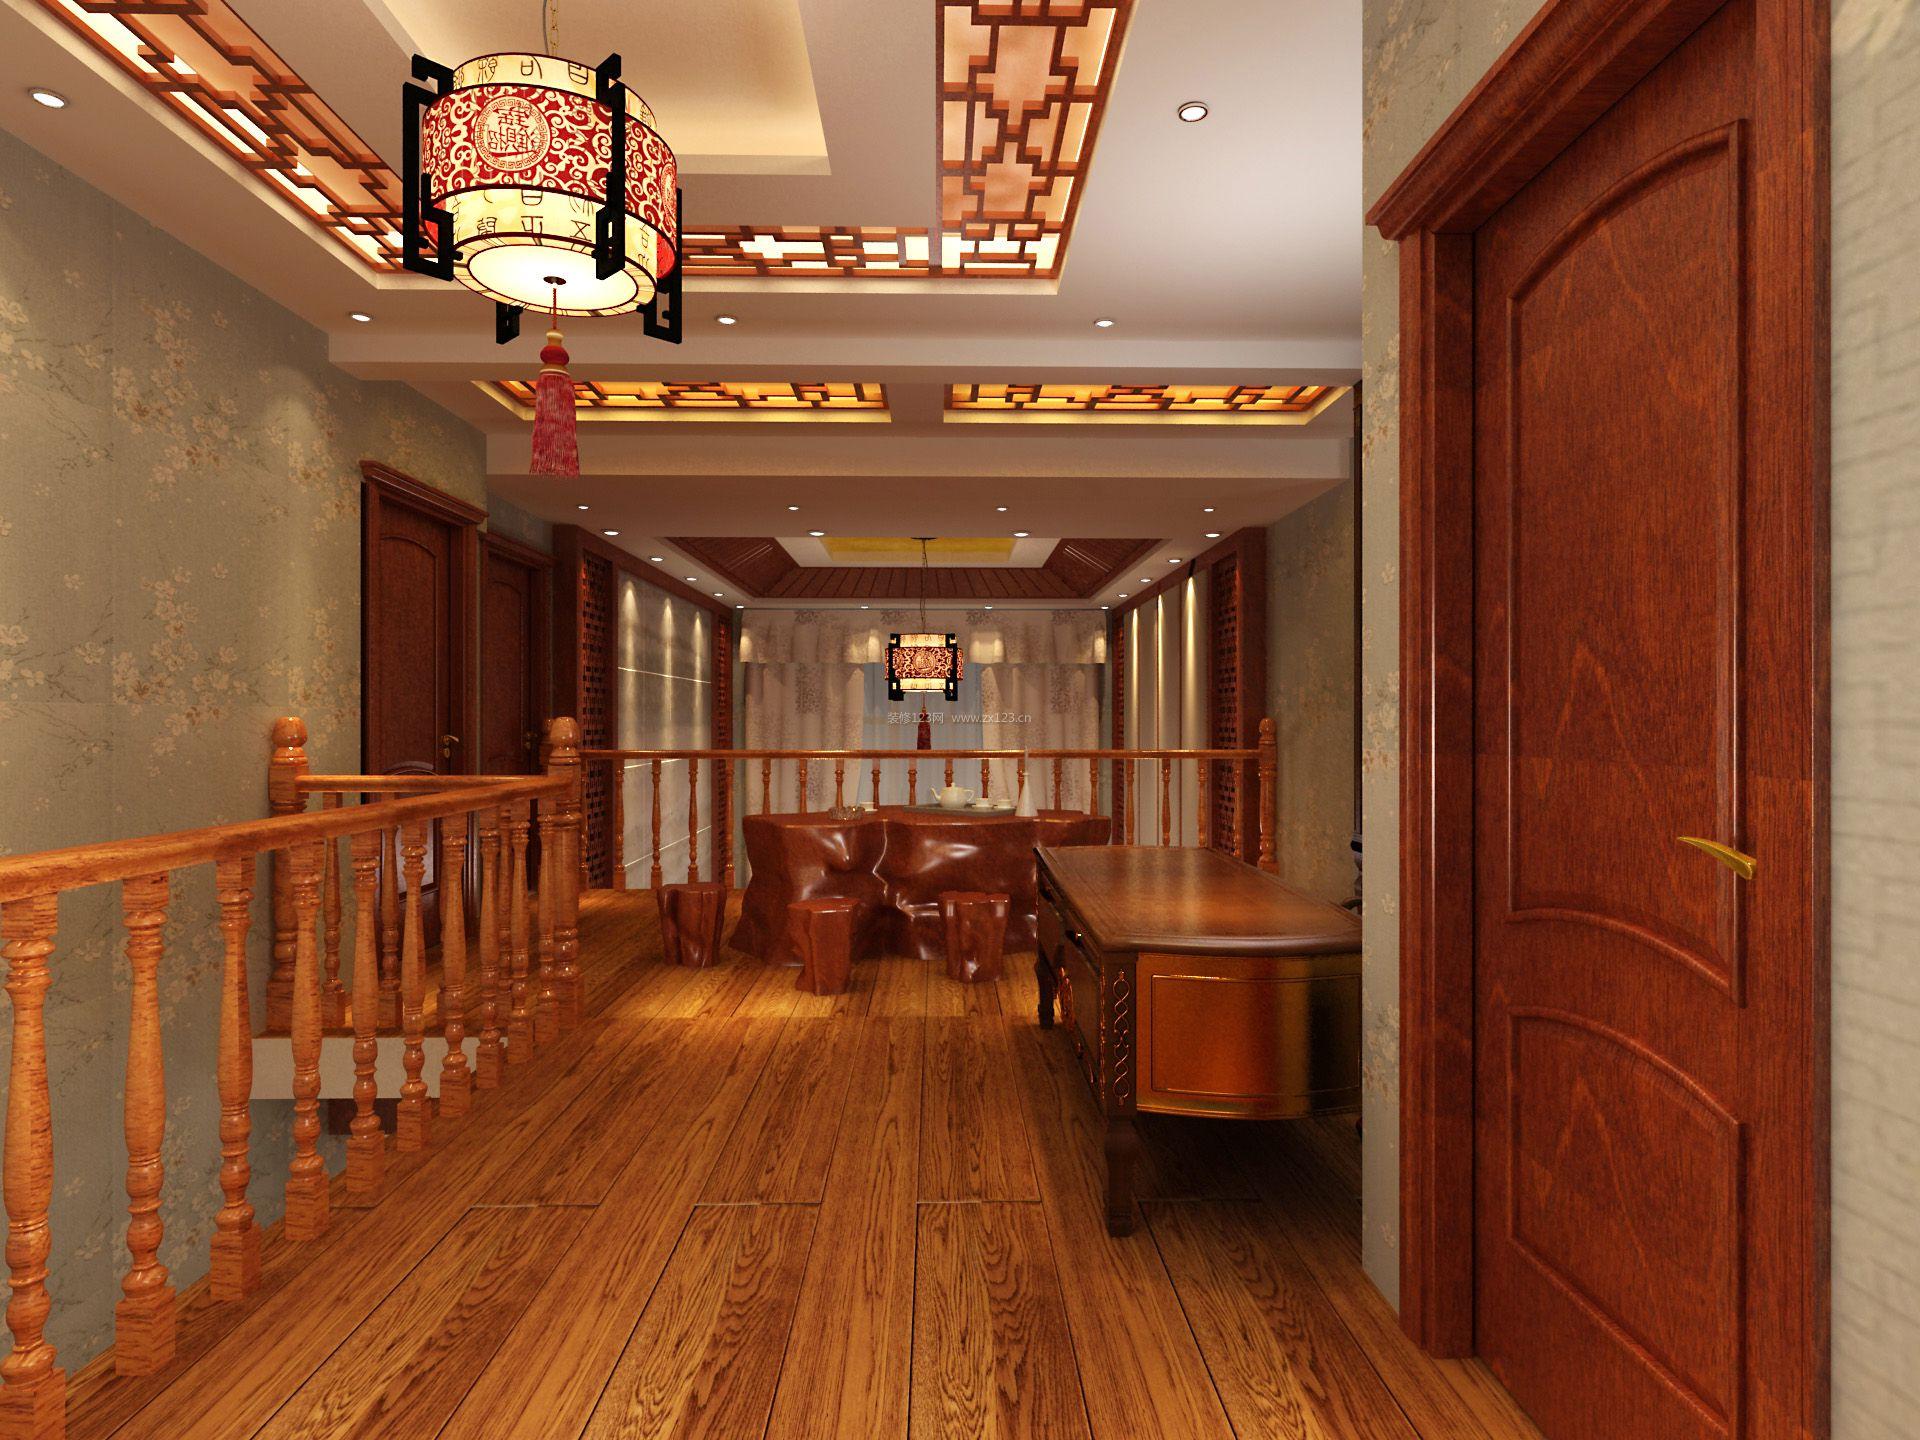 简约新中式风格别墅实木楼梯扶手装修效果图